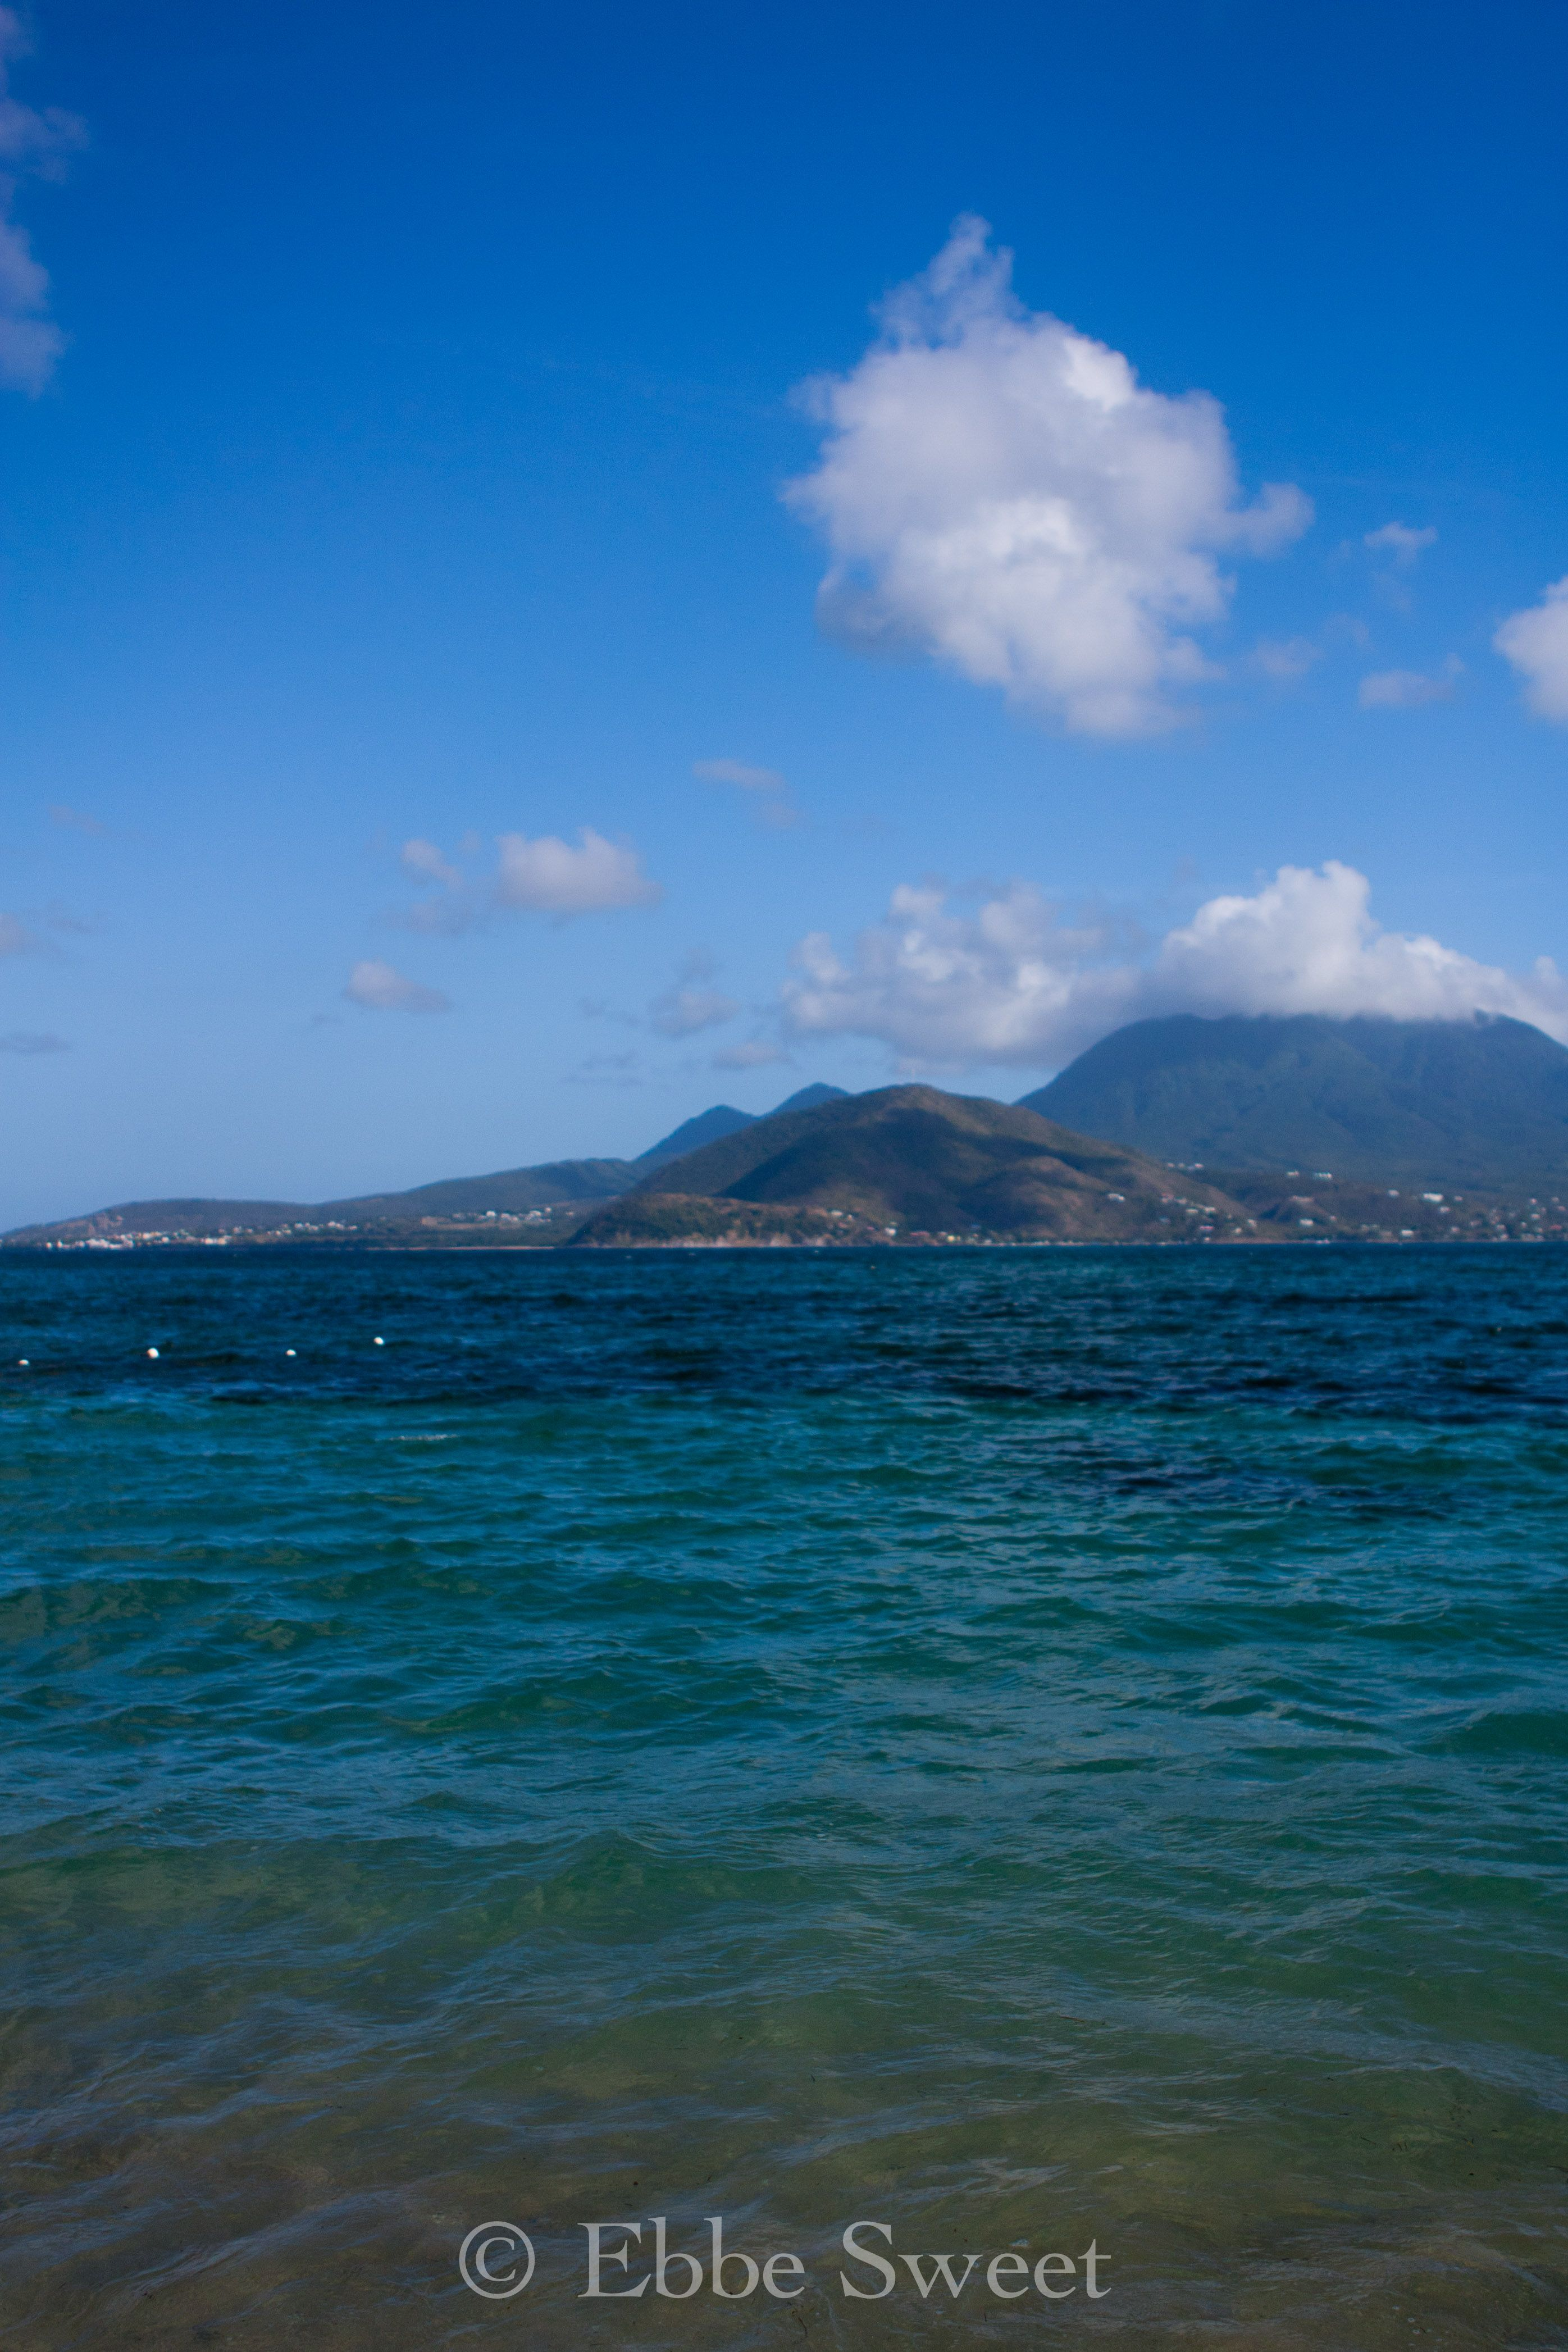 St Kitts, Caribbean